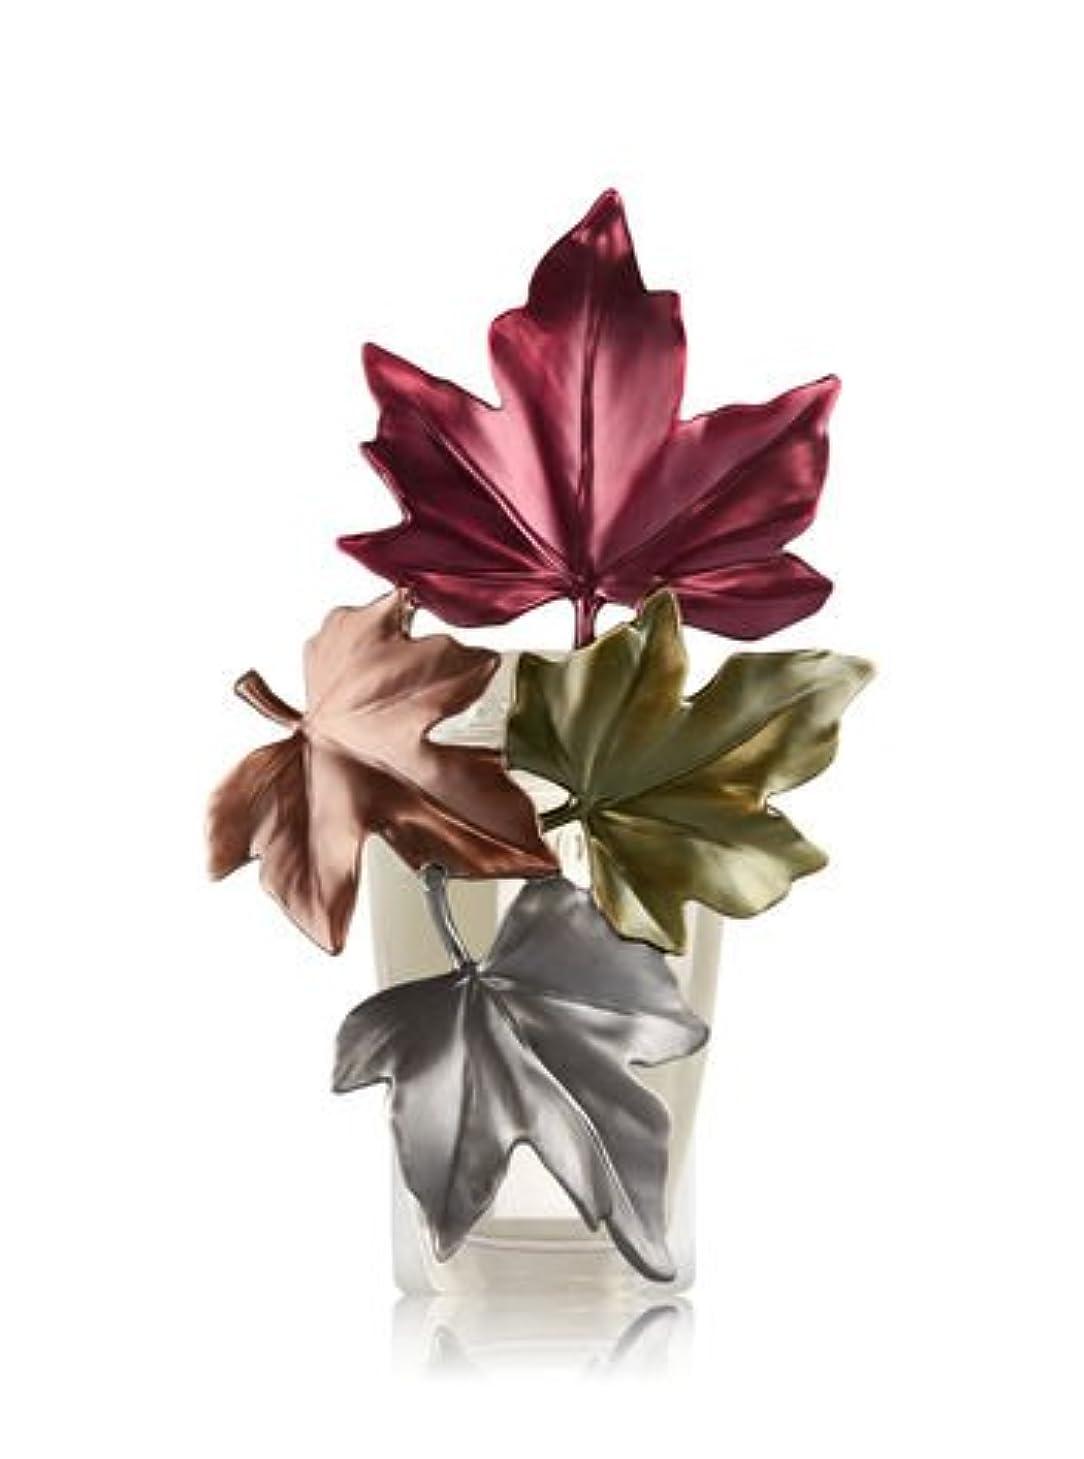 発生トリクル事前に【Bath&Body Works/バス&ボディワークス】 ルームフレグランス プラグインスターター (本体のみ) ラージフォールリーブスナイトライト Wallflowers Fragrance Large Fall Leaves...